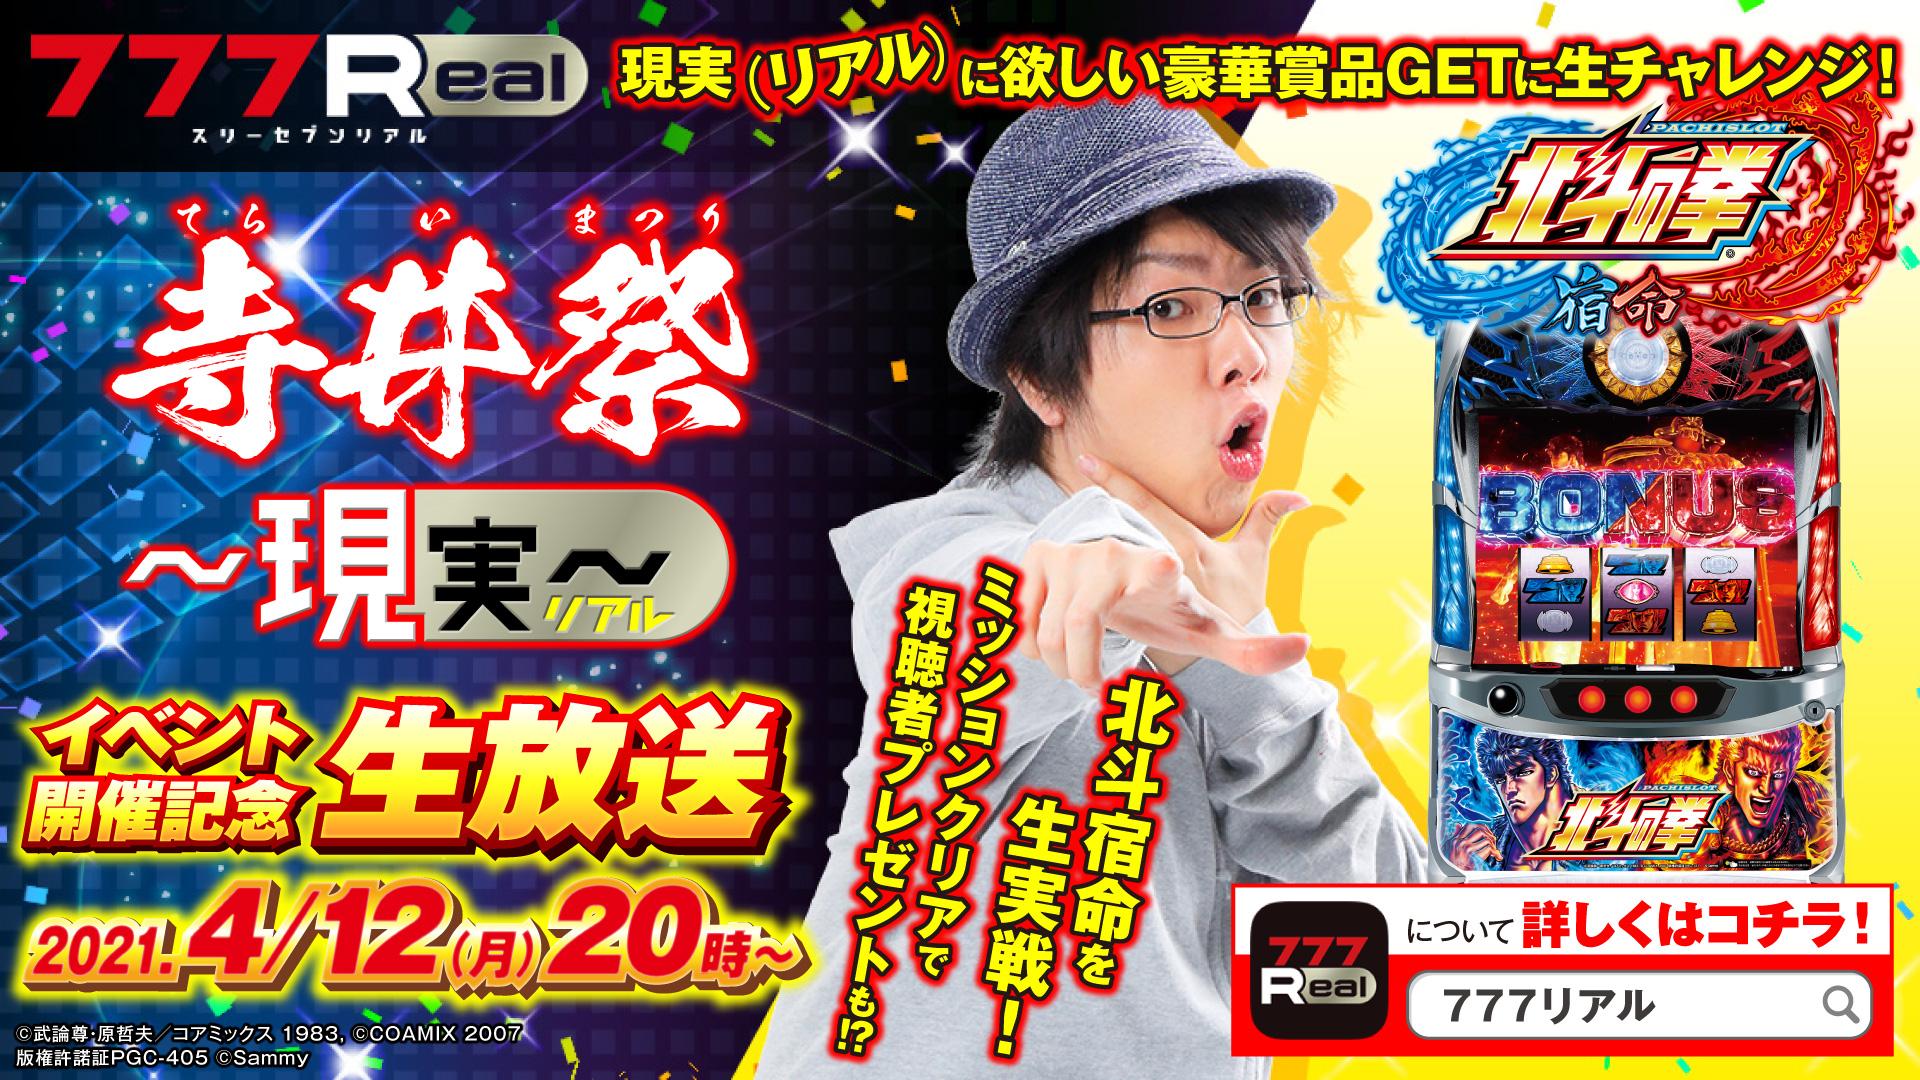 【SP!N】「寺井祭~現実(リアル)」開催中!4/12に生放送!!【4月9日】